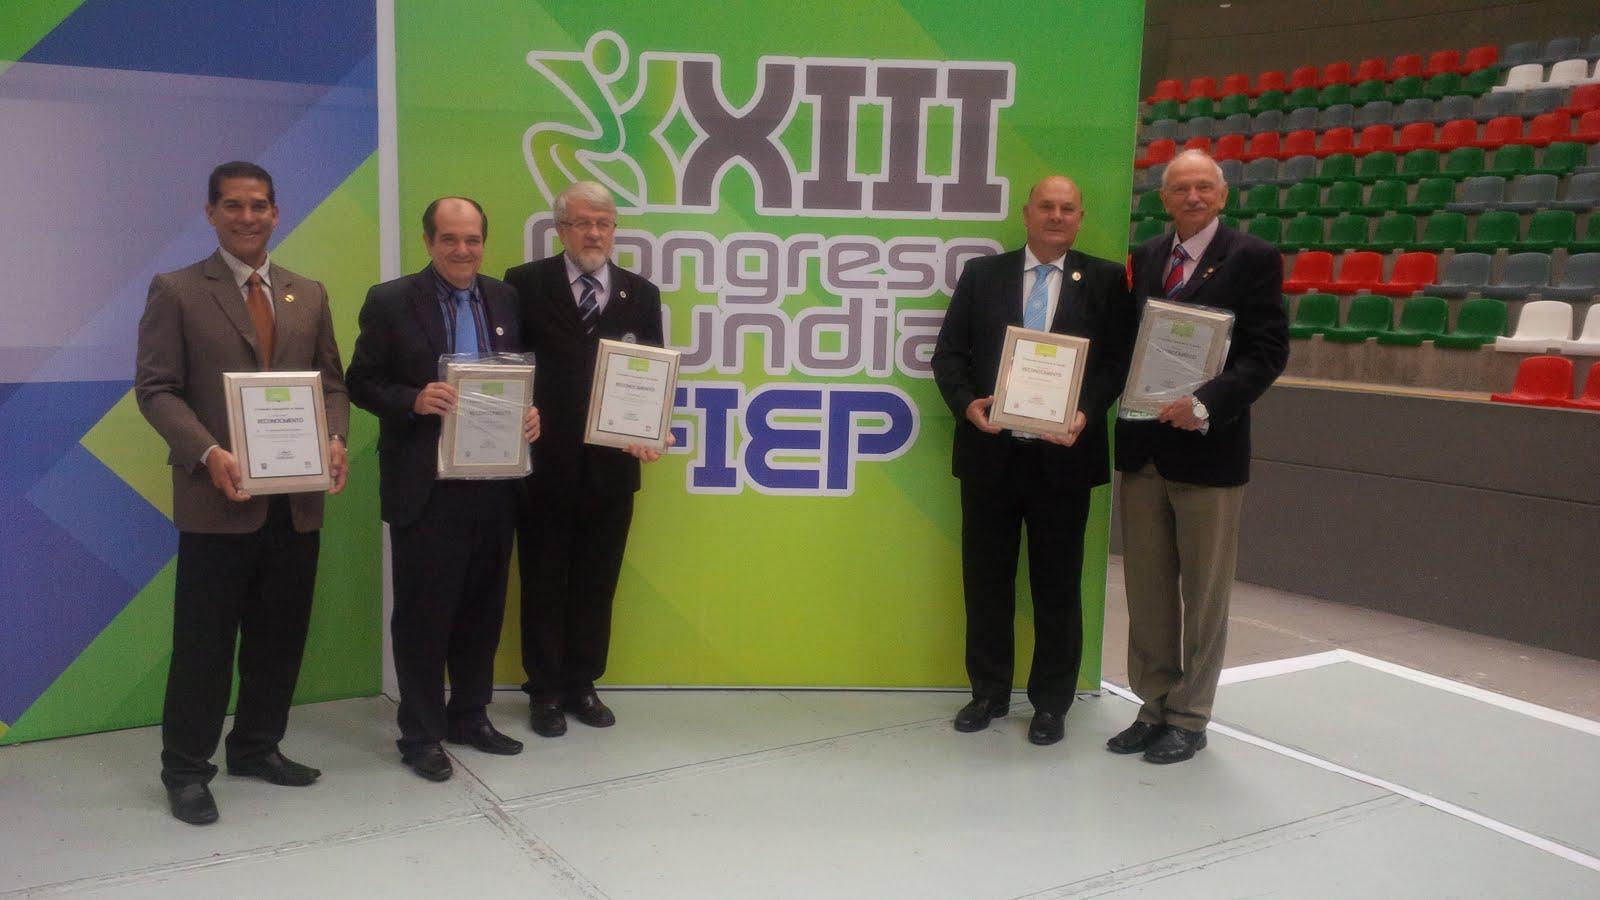 XXIII Congreso Mundial FIEP, Morelia, México. 2014